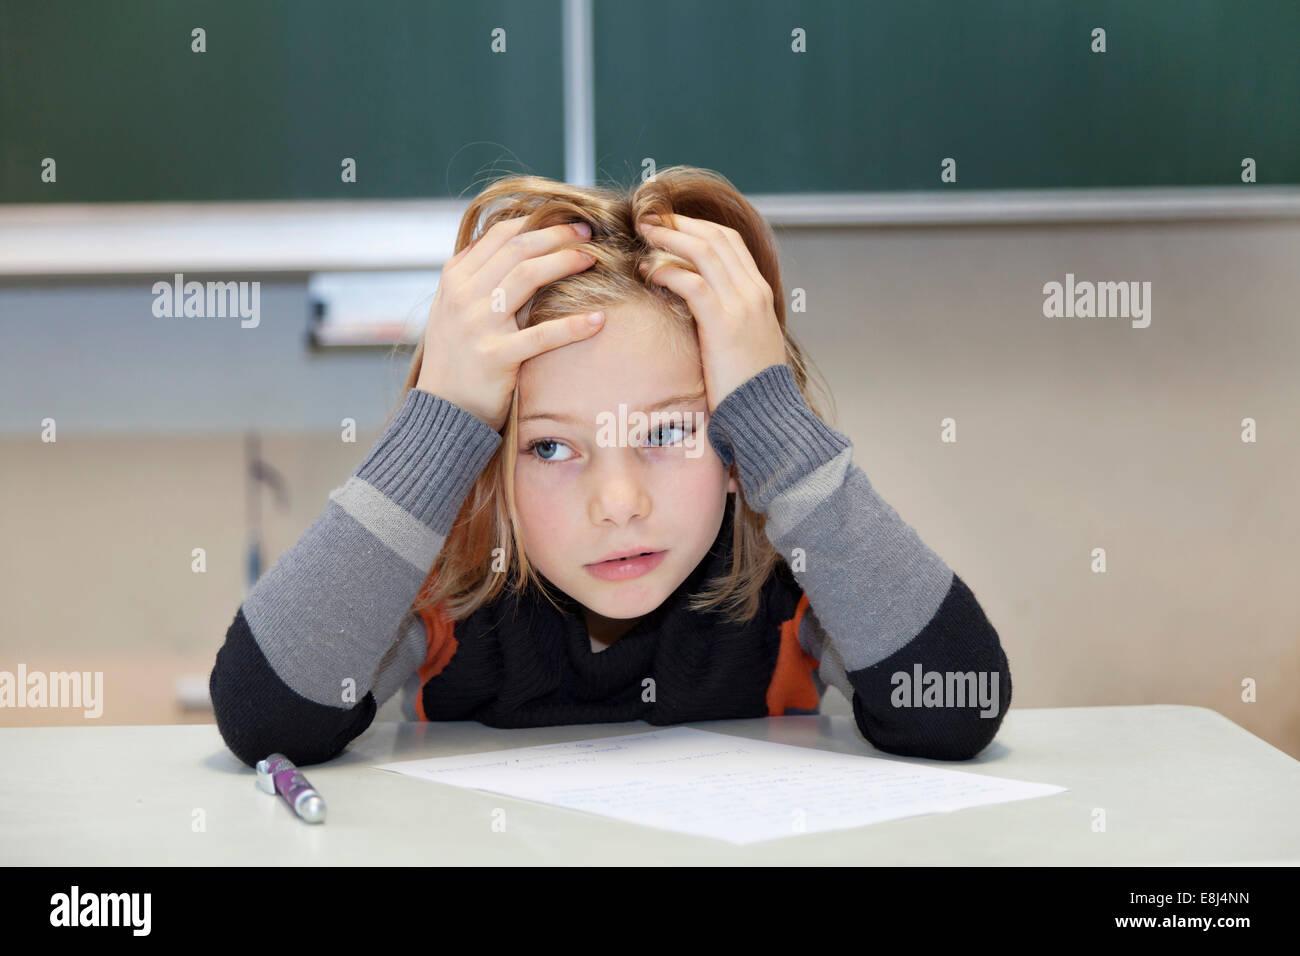 Lycéenne, 9 ans, luttant au cours d'un examen difficile Banque D'Images